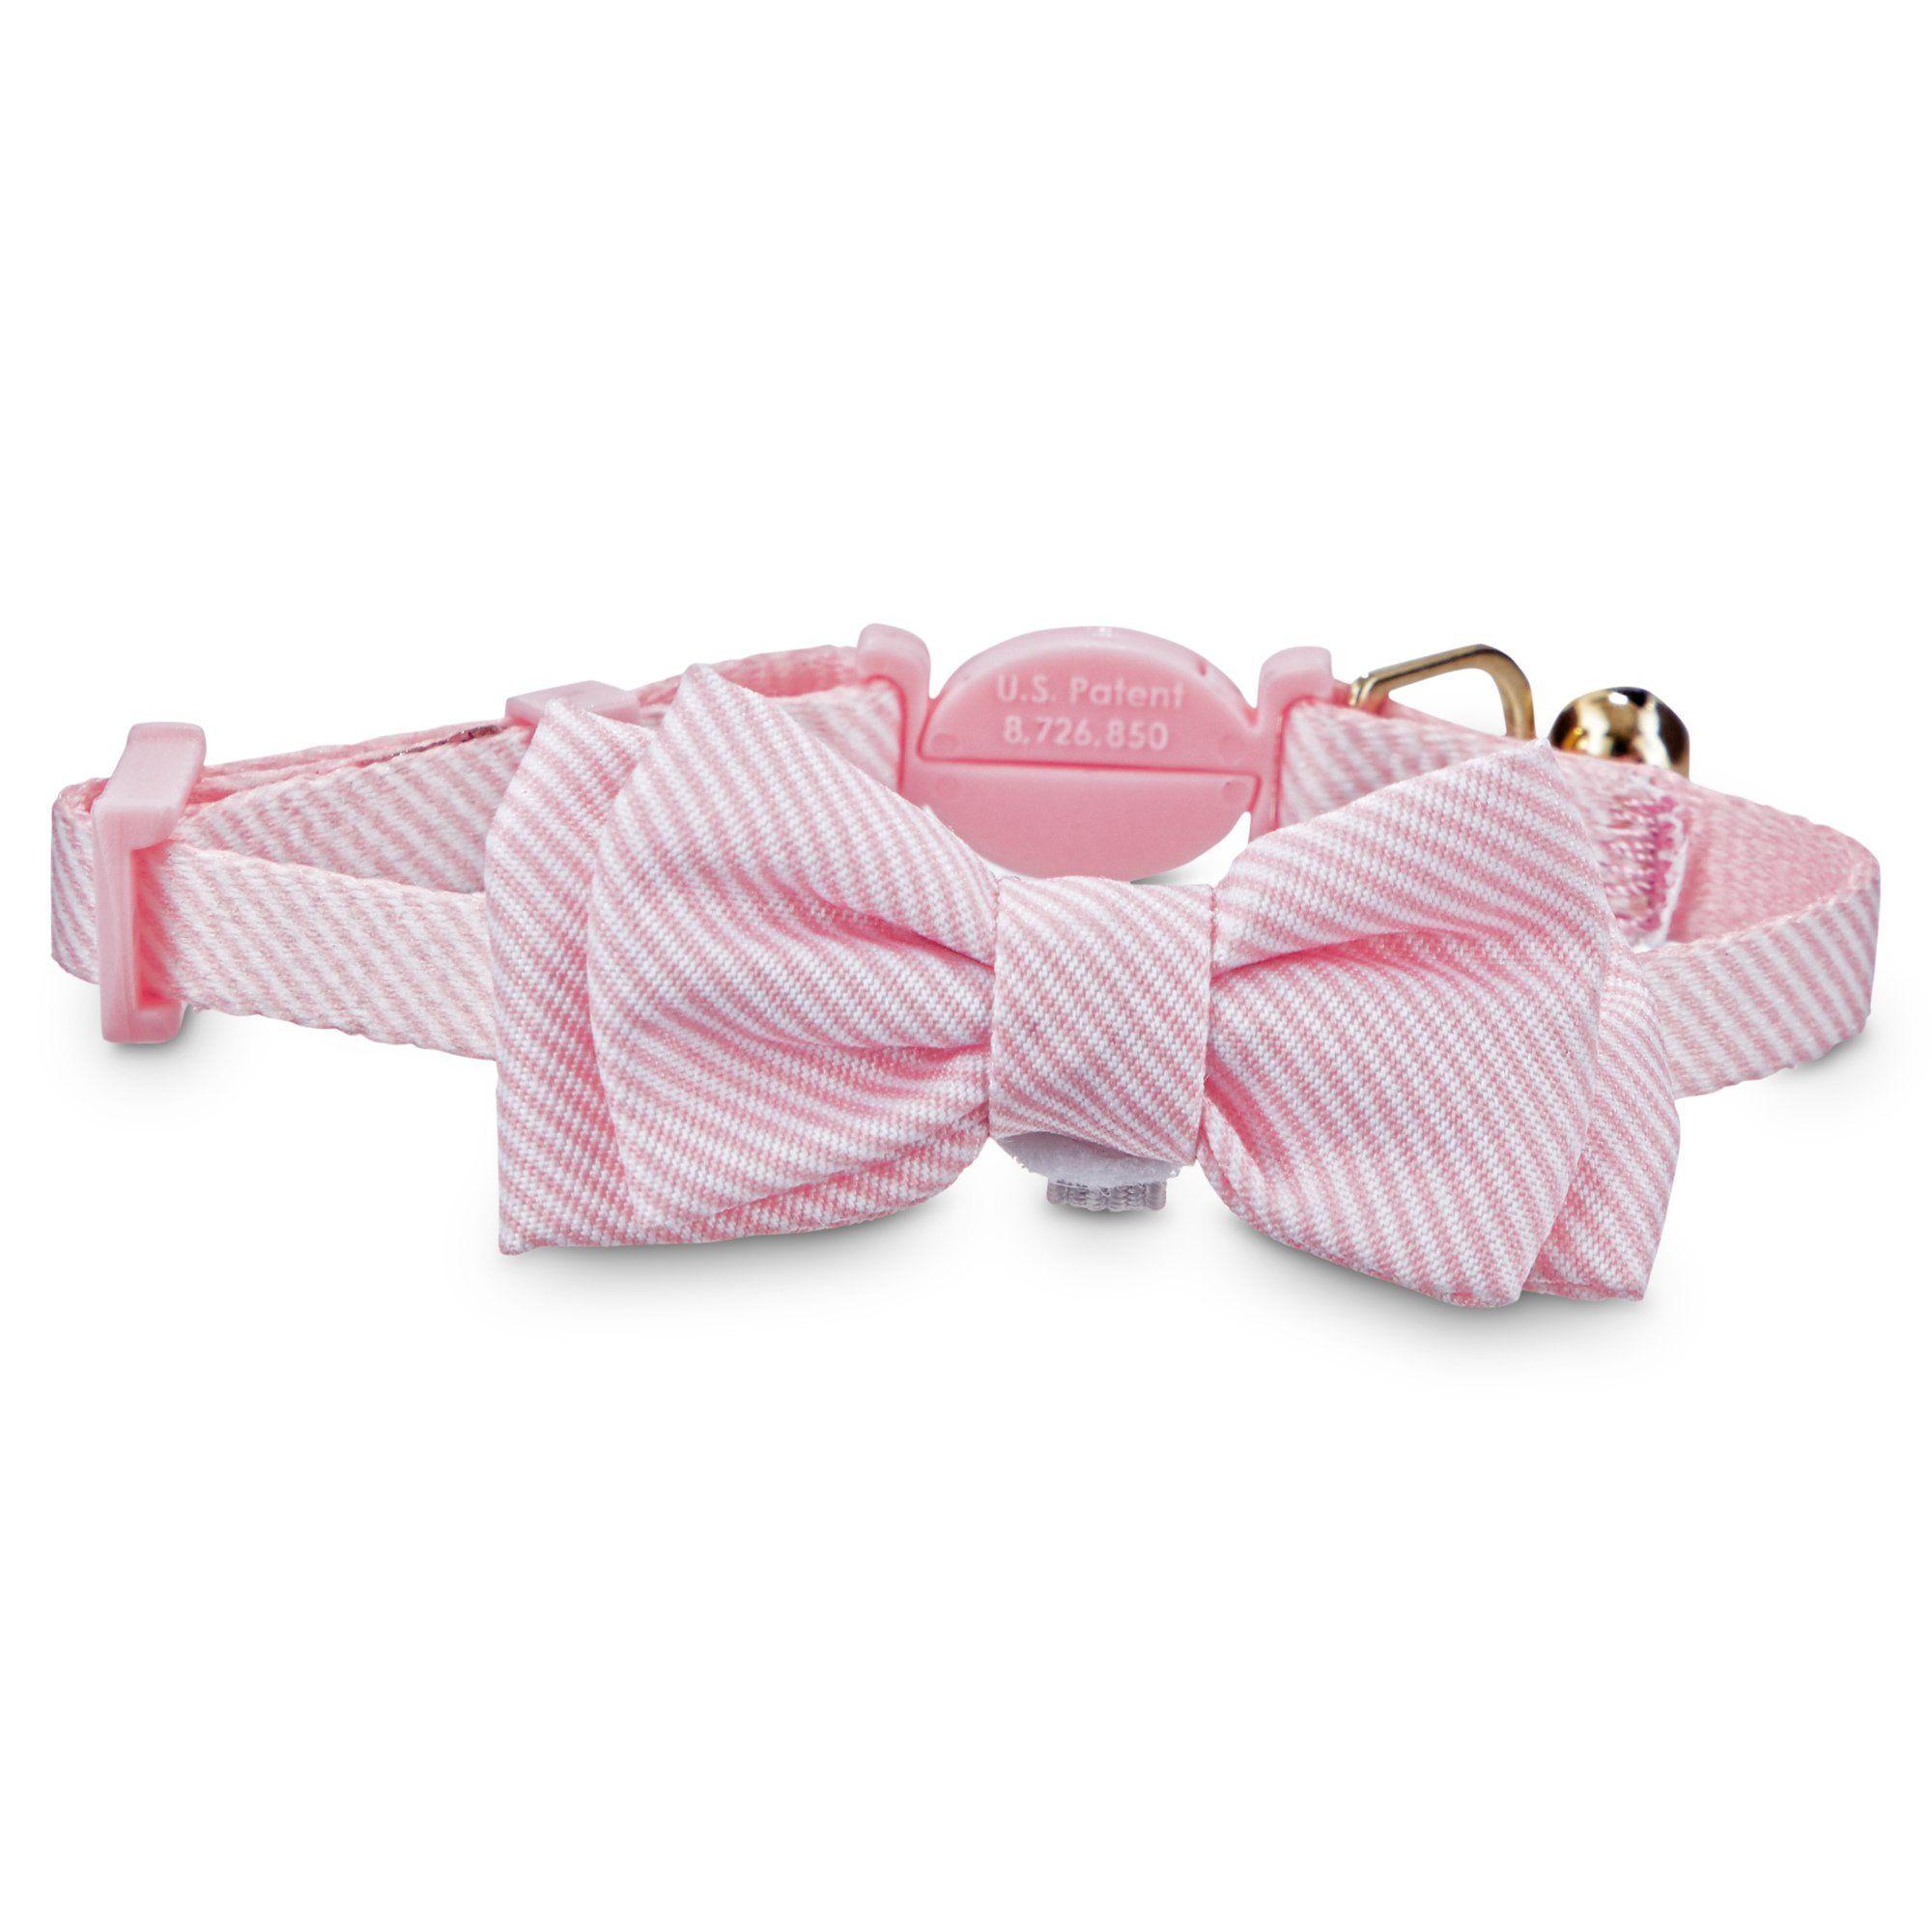 Bond Co Pink Seersucker Breakaway Bowtie Kitten Collar Petco Kitten Collars Kitten Accessories Pink Seersucker